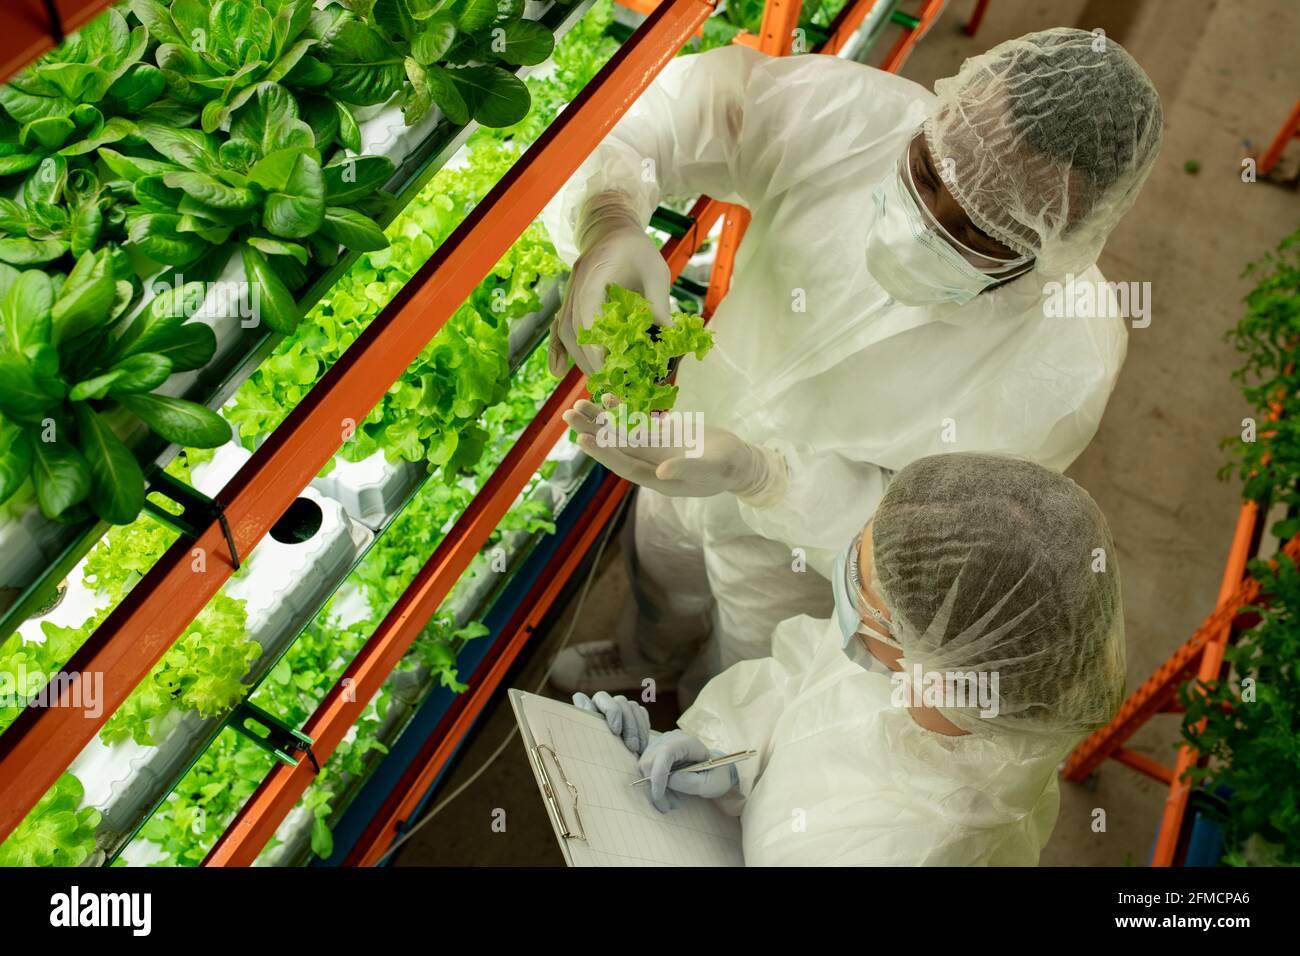 Vue ci-dessus des collègues de la maison de hothouse multiethnique dans l'examen des vêtements de travail de protection couleur de la laitue et fixation verticale dans les papiers ferme Banque D'Images